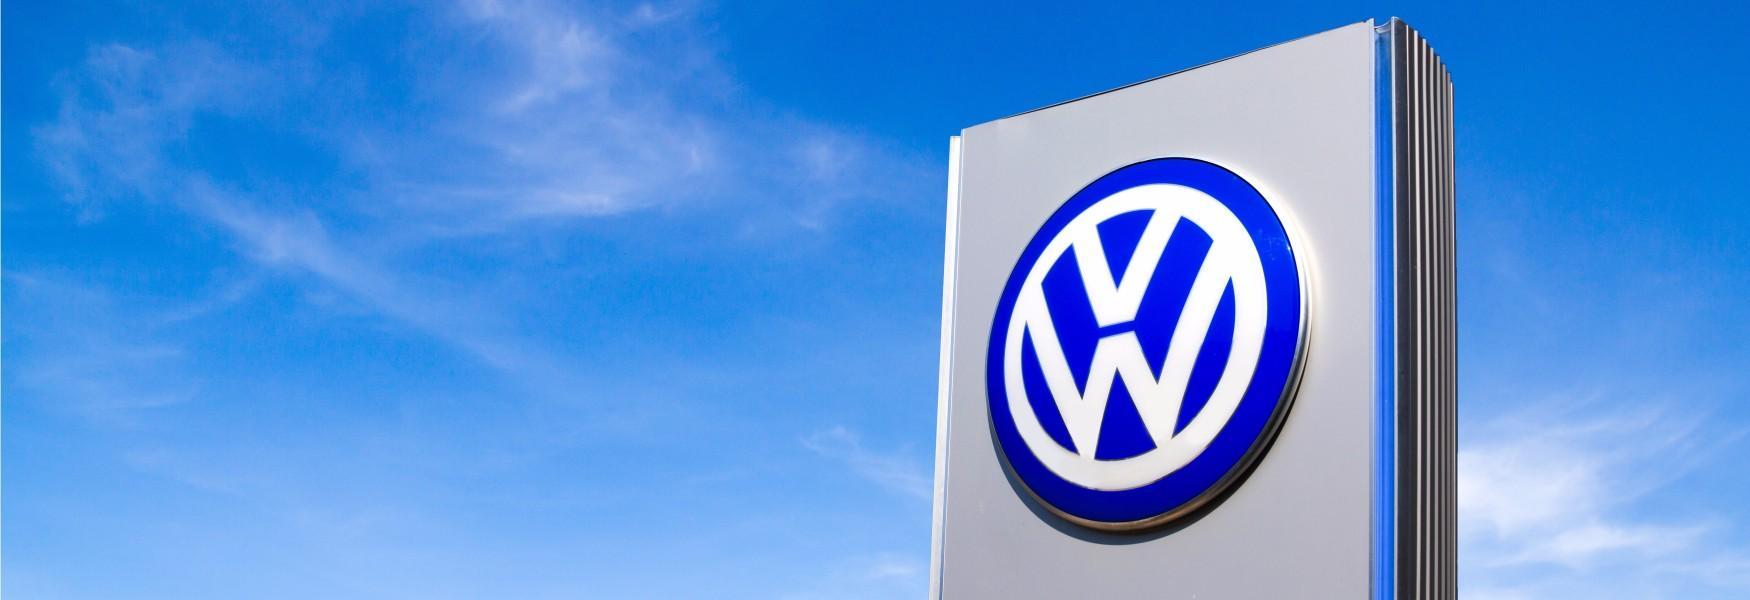 Hersteller Neuwagen VW